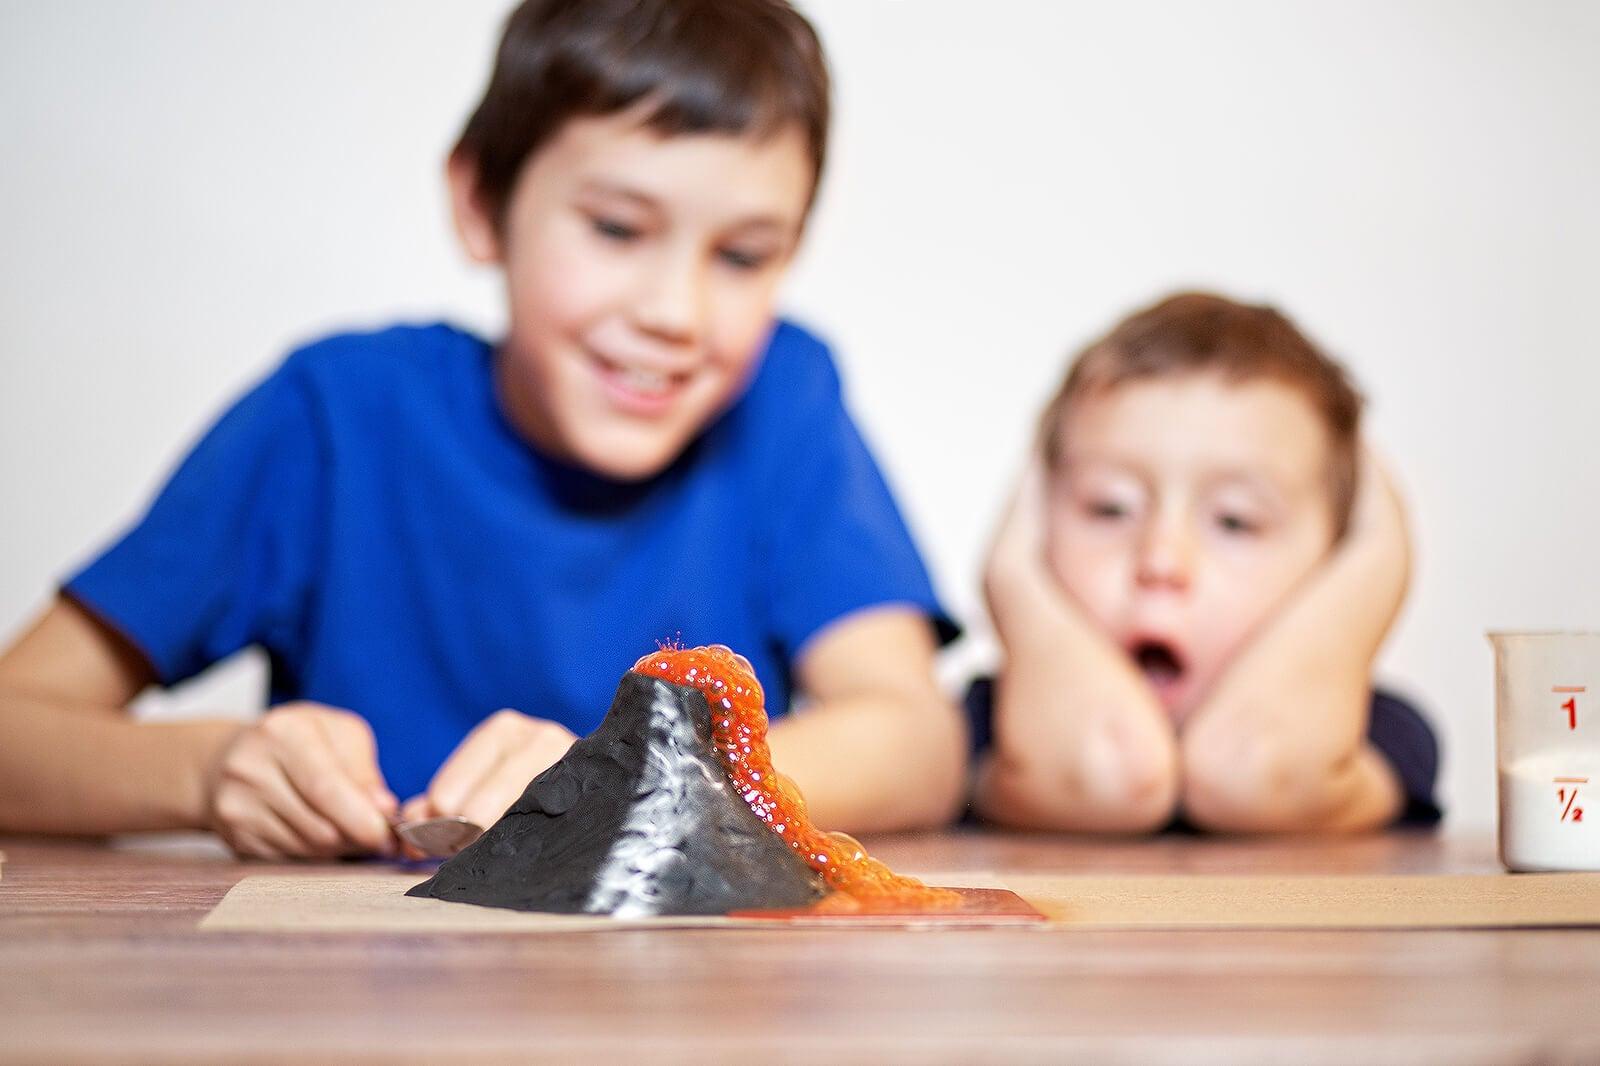 Niños aprendiendo autocontrol gracias a la técnica del volcán.